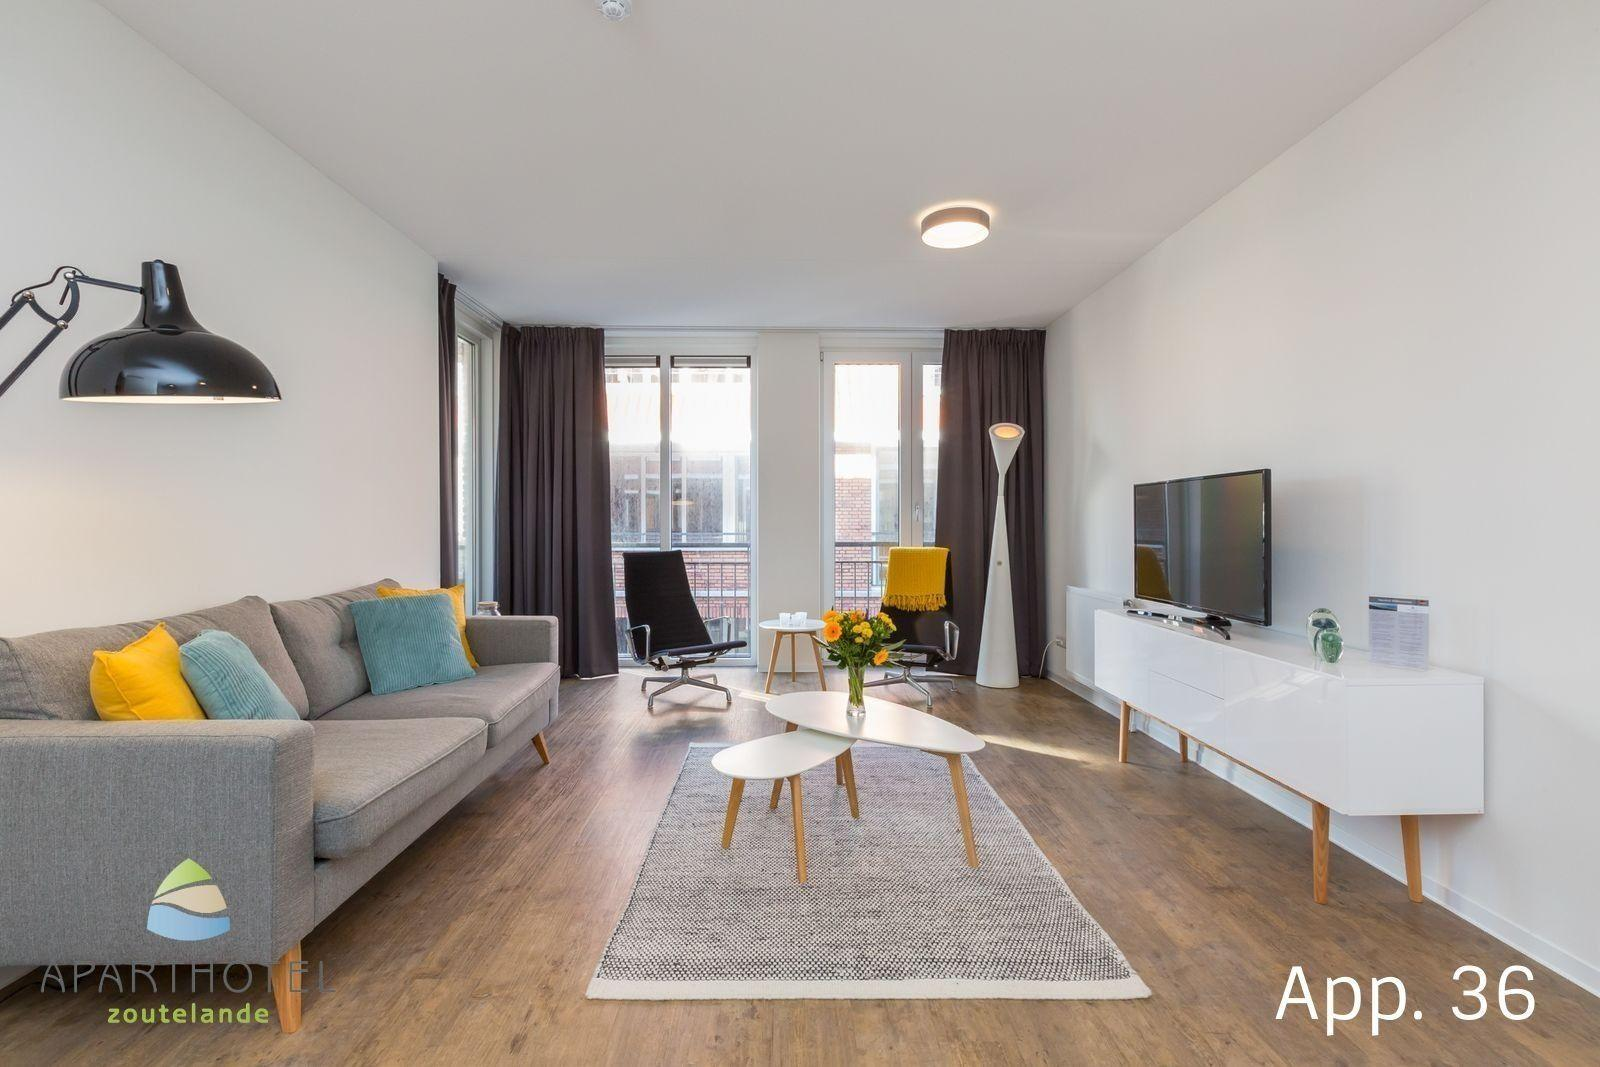 Ferienhaus für 3 Personen ca 60 m² in Zoutelande Zeeland Küste von Zeeland